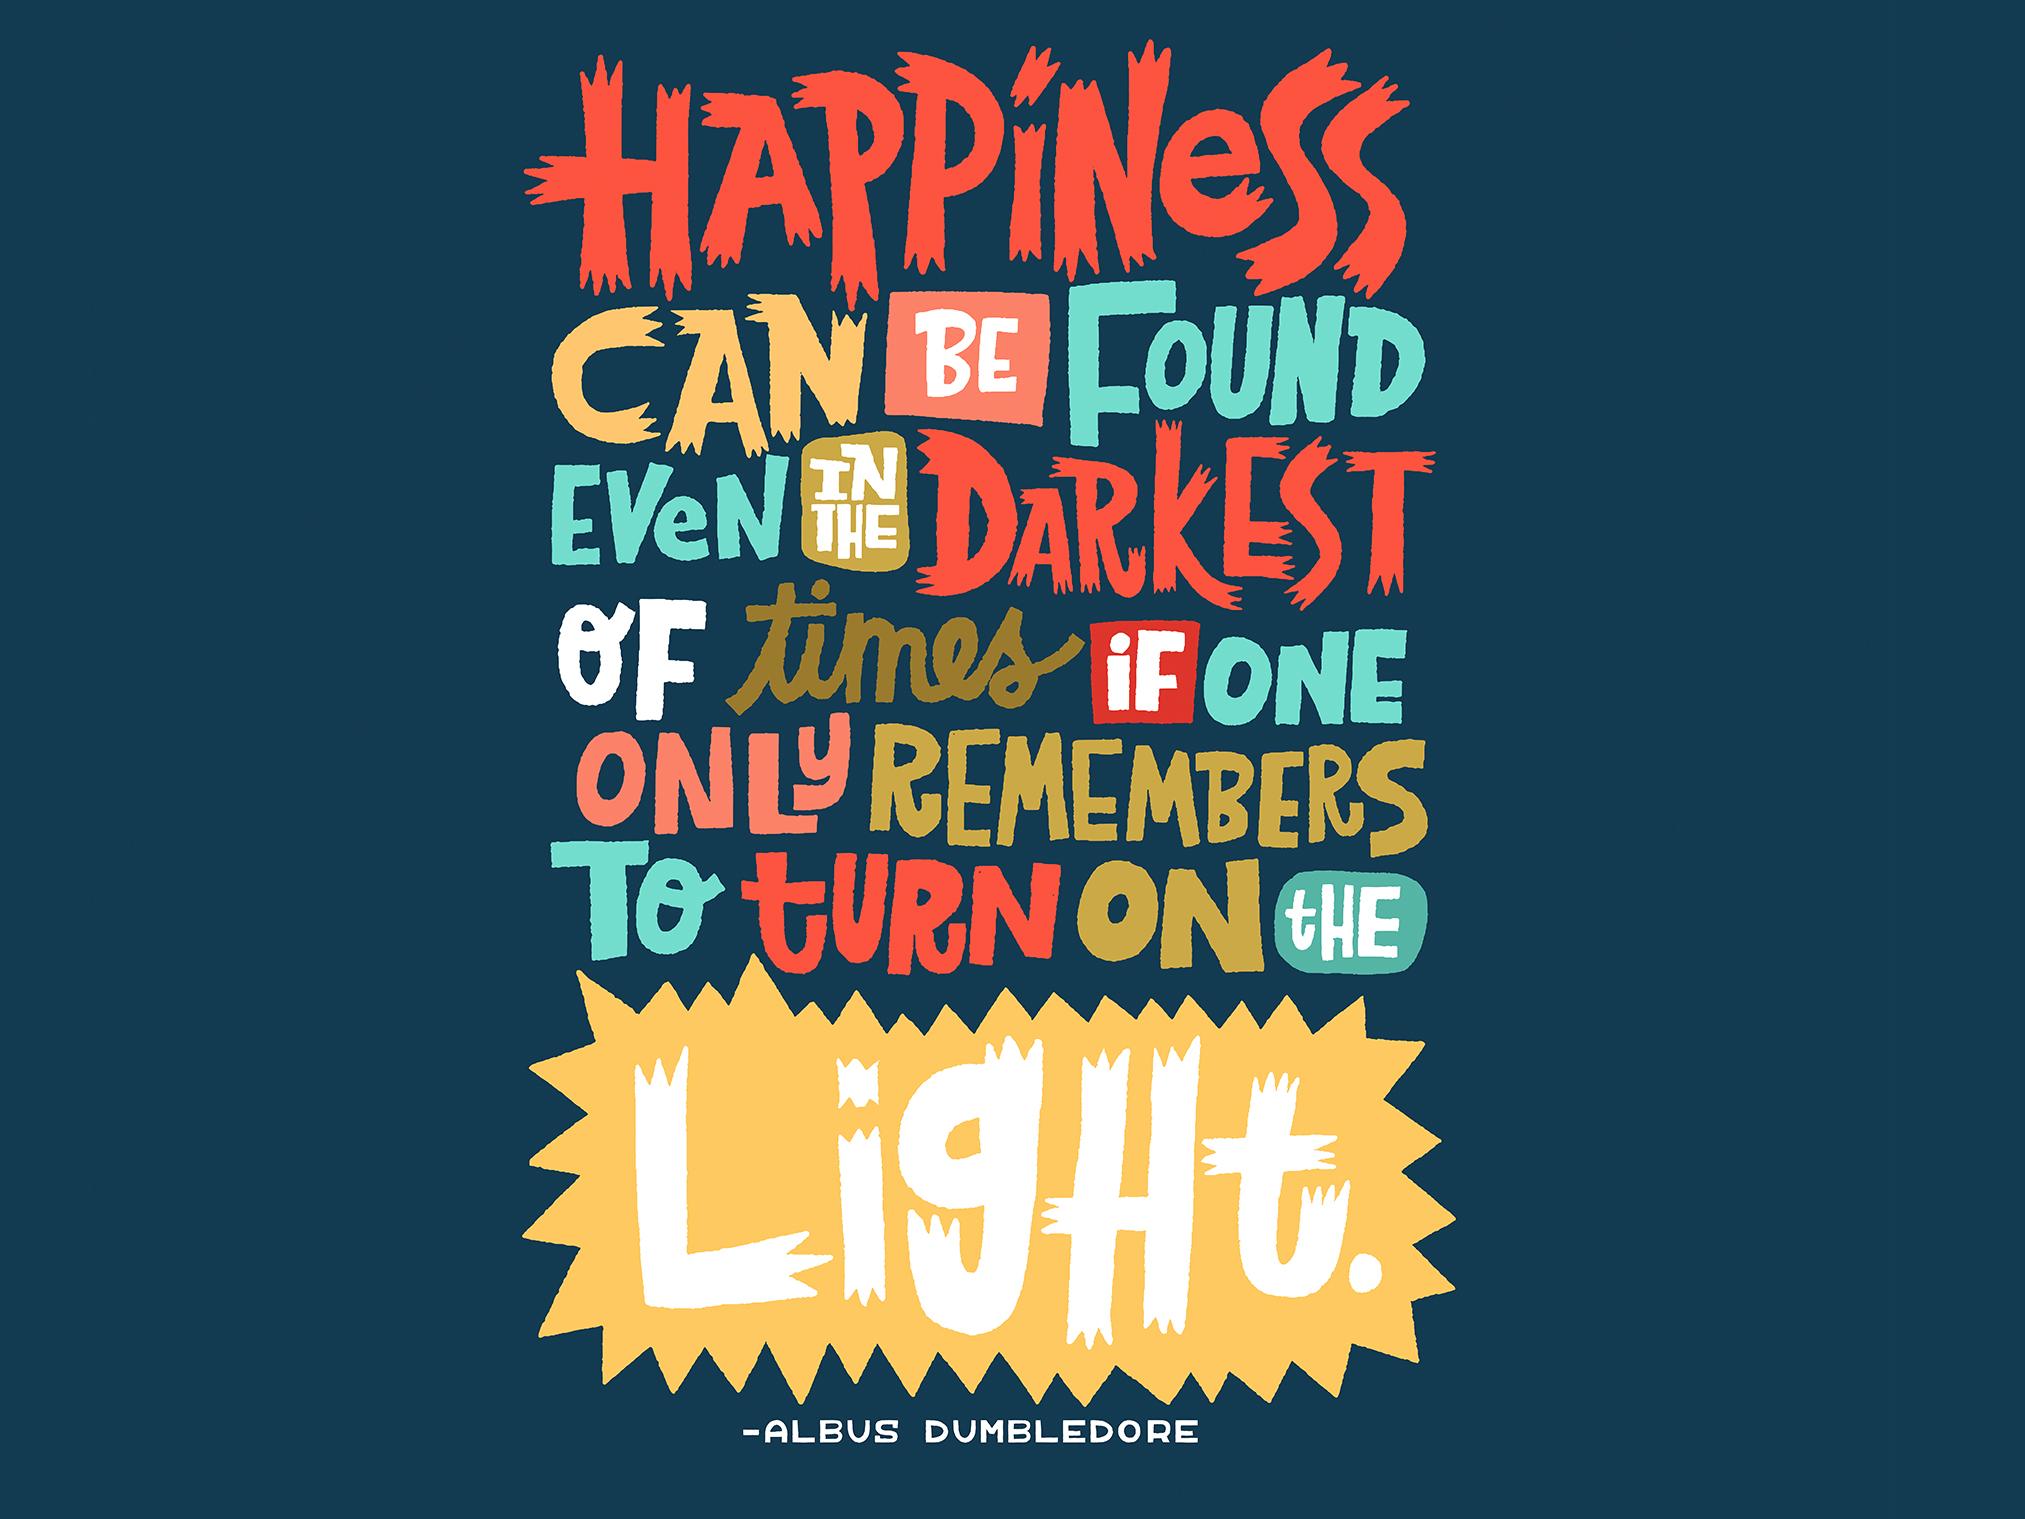 HAPPINESS-LIGHT.jpg